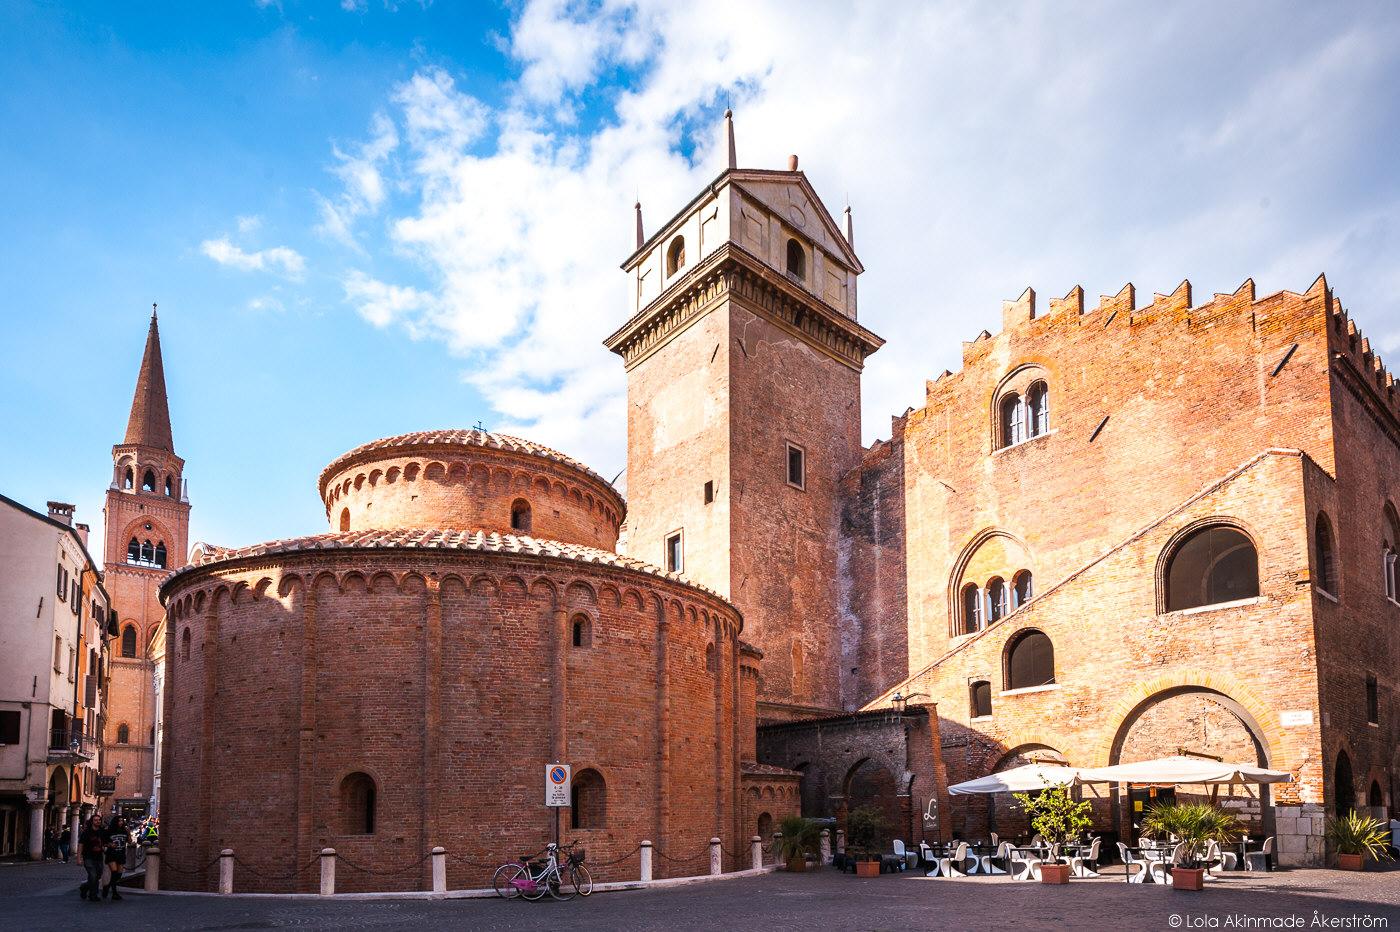 Photos from Mantua, Italy